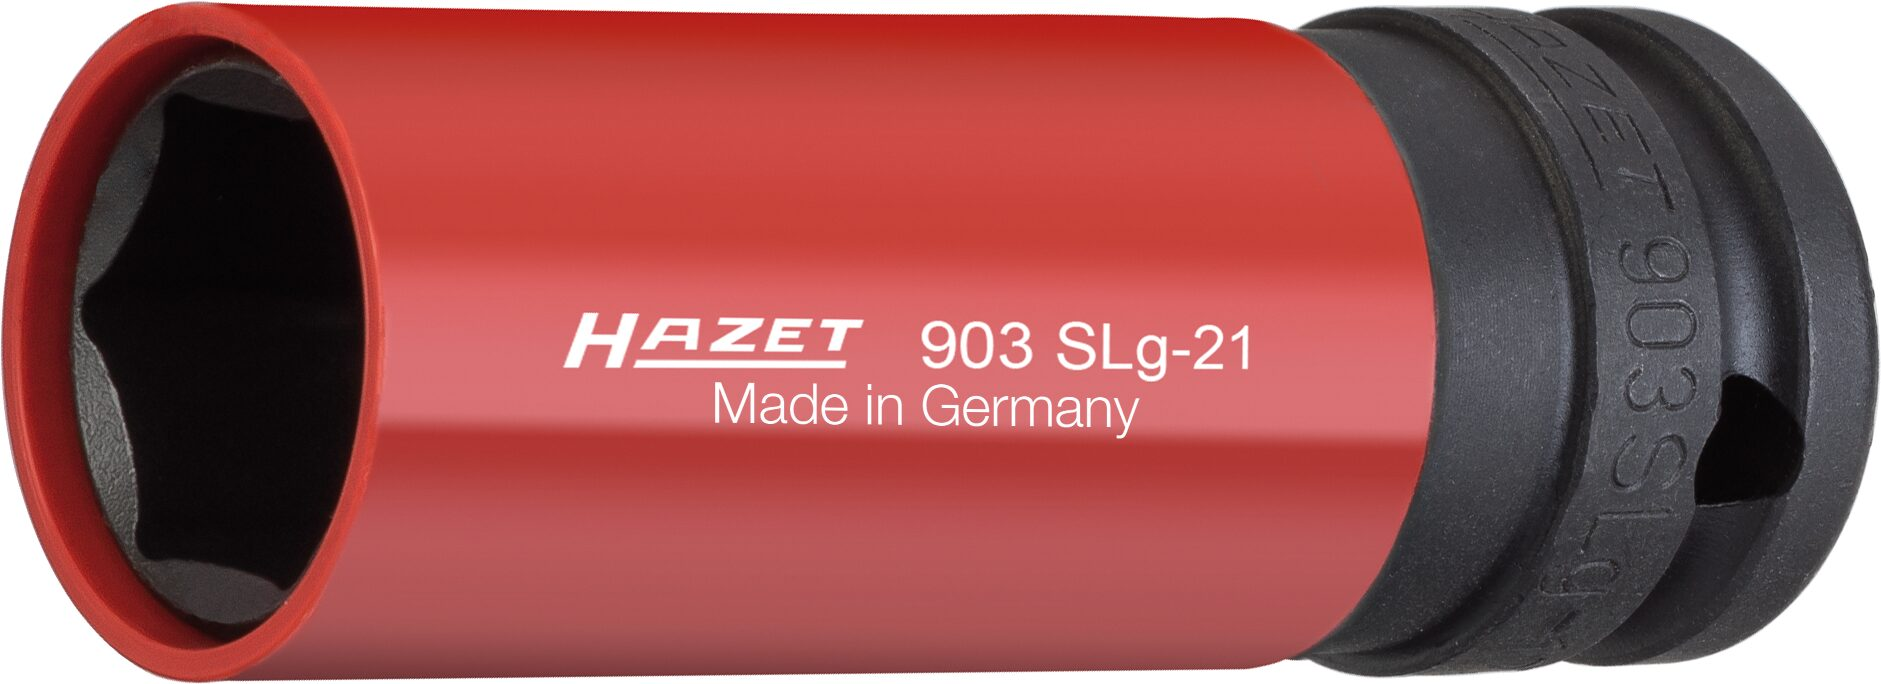 HAZET Schlag- ∙ Maschinenschrauber Steckschlüsseleinsatz ∙ Sechskant 903SLG-21 ∙ Vierkant hohl 12,5 mm (1/2 Zoll)